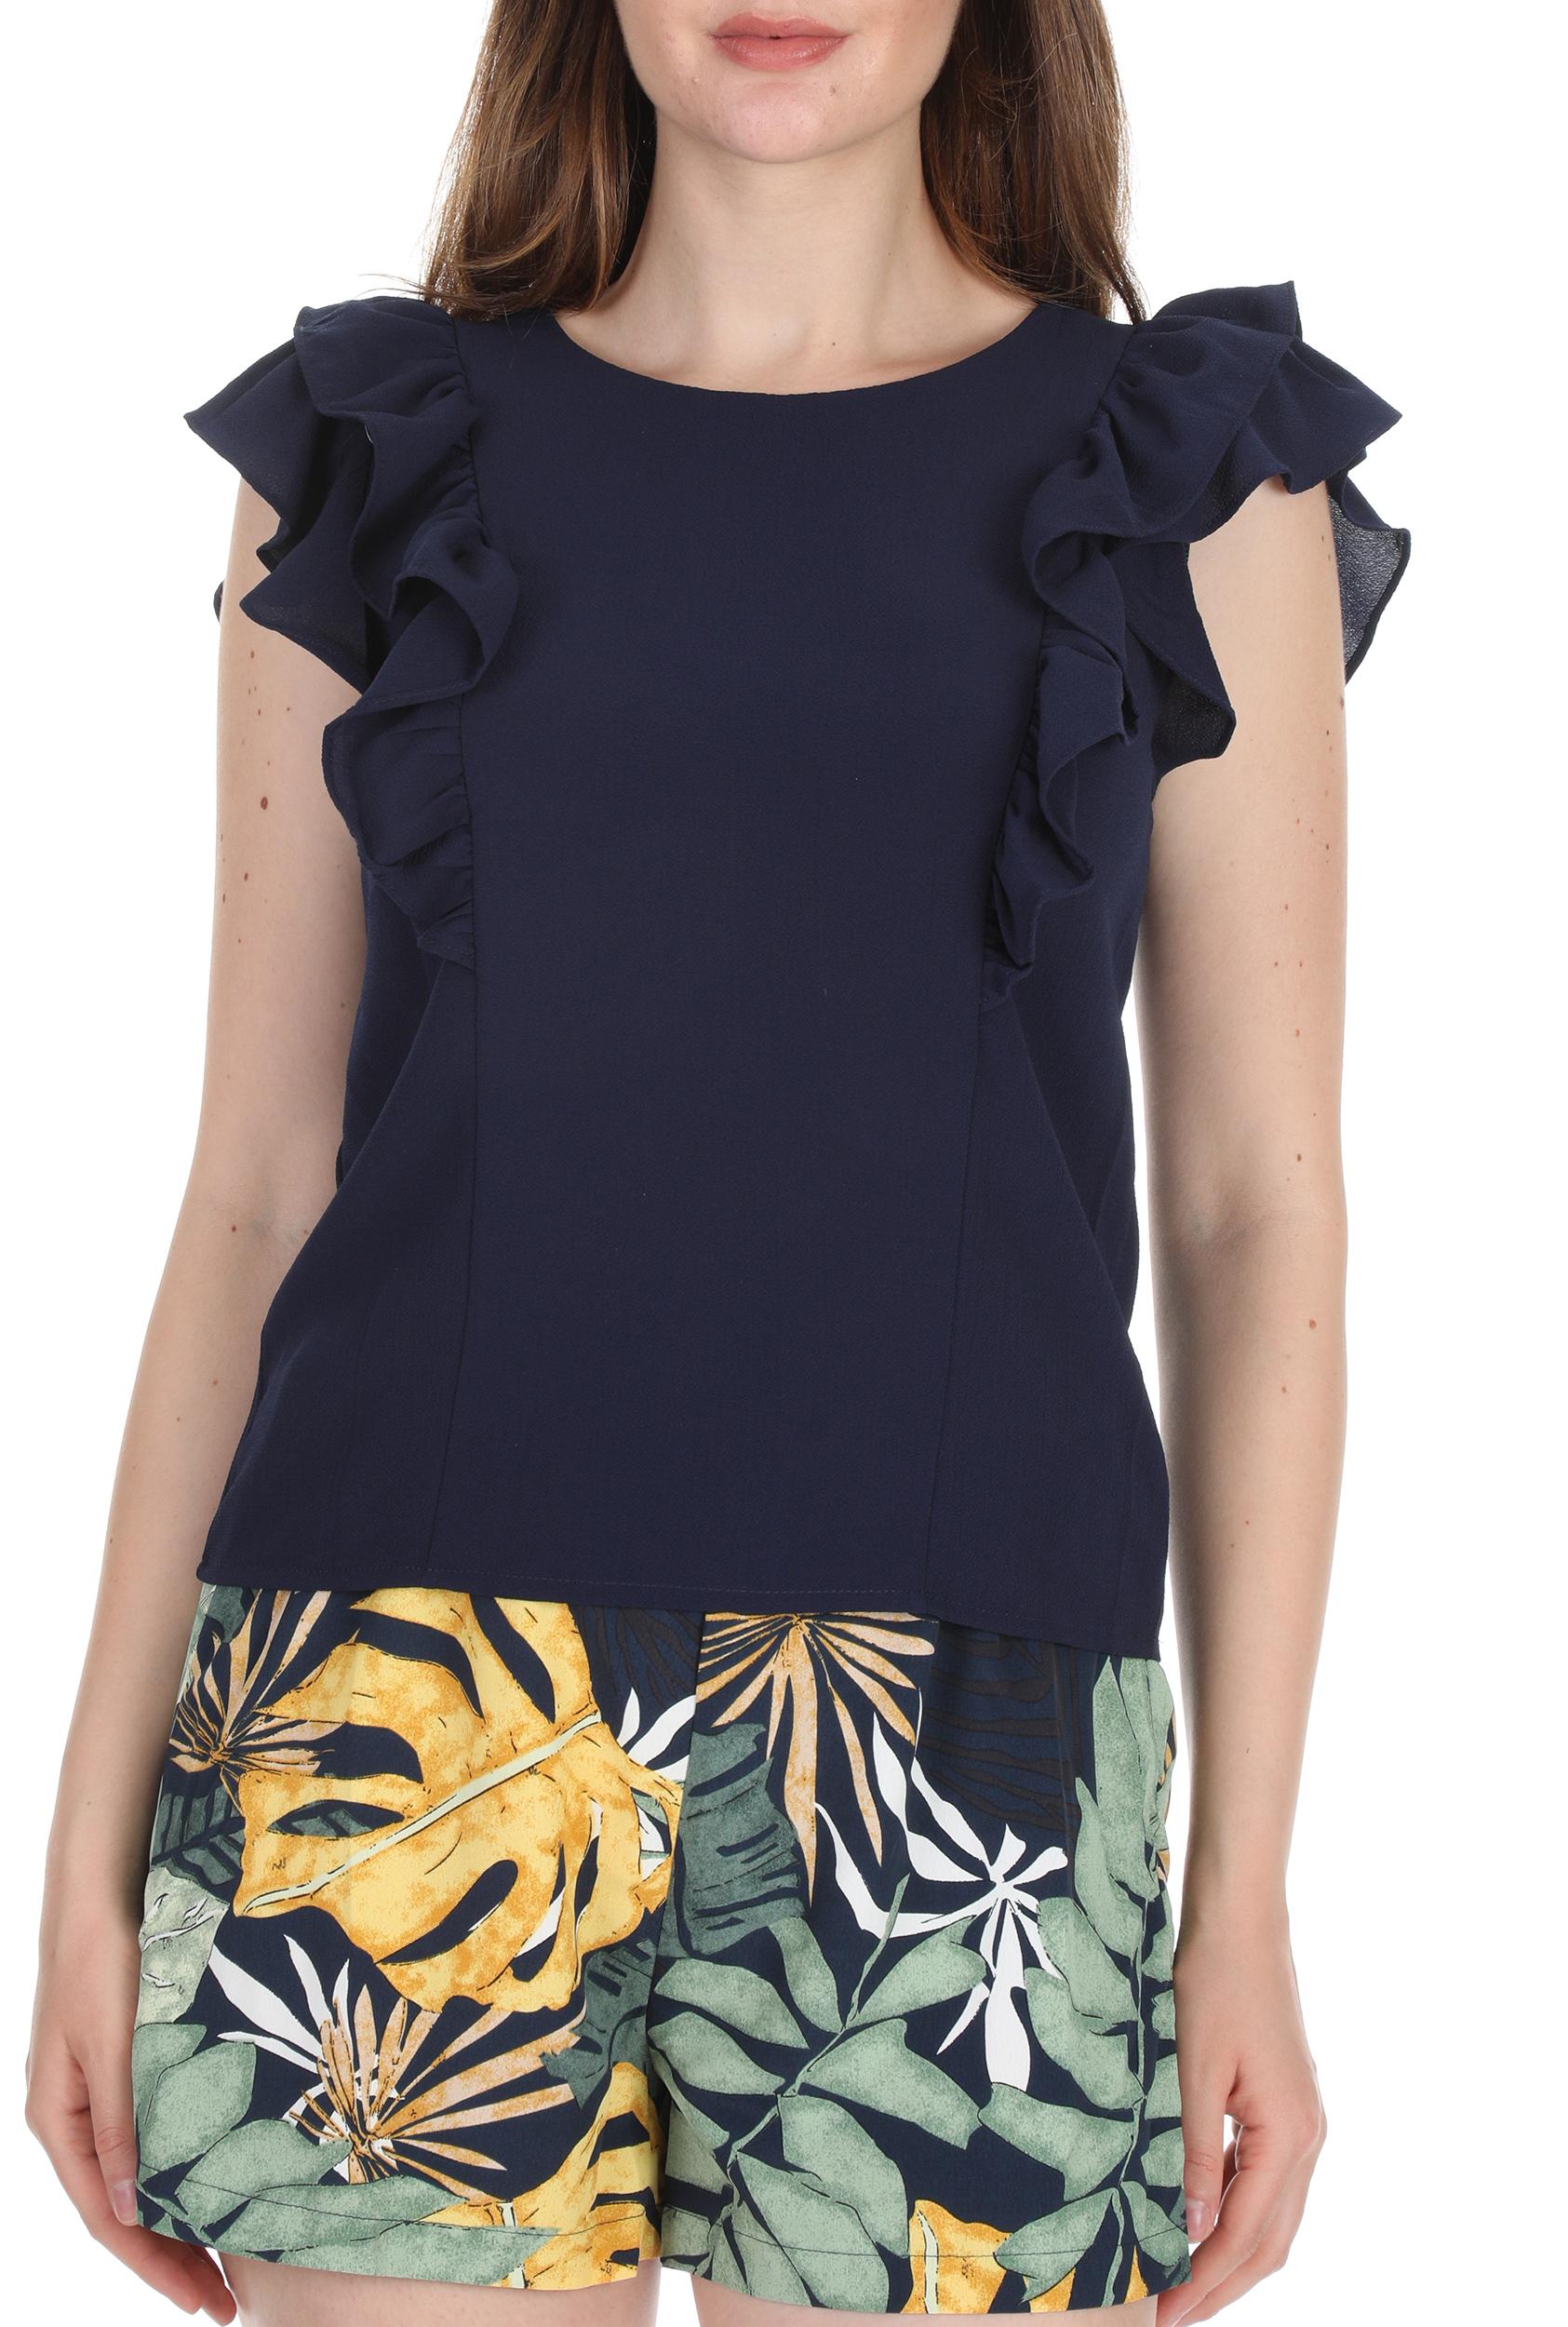 MOLLY BRACKEN - Γυναικεία μπλούζα MOLLY BRACKEN μπλε